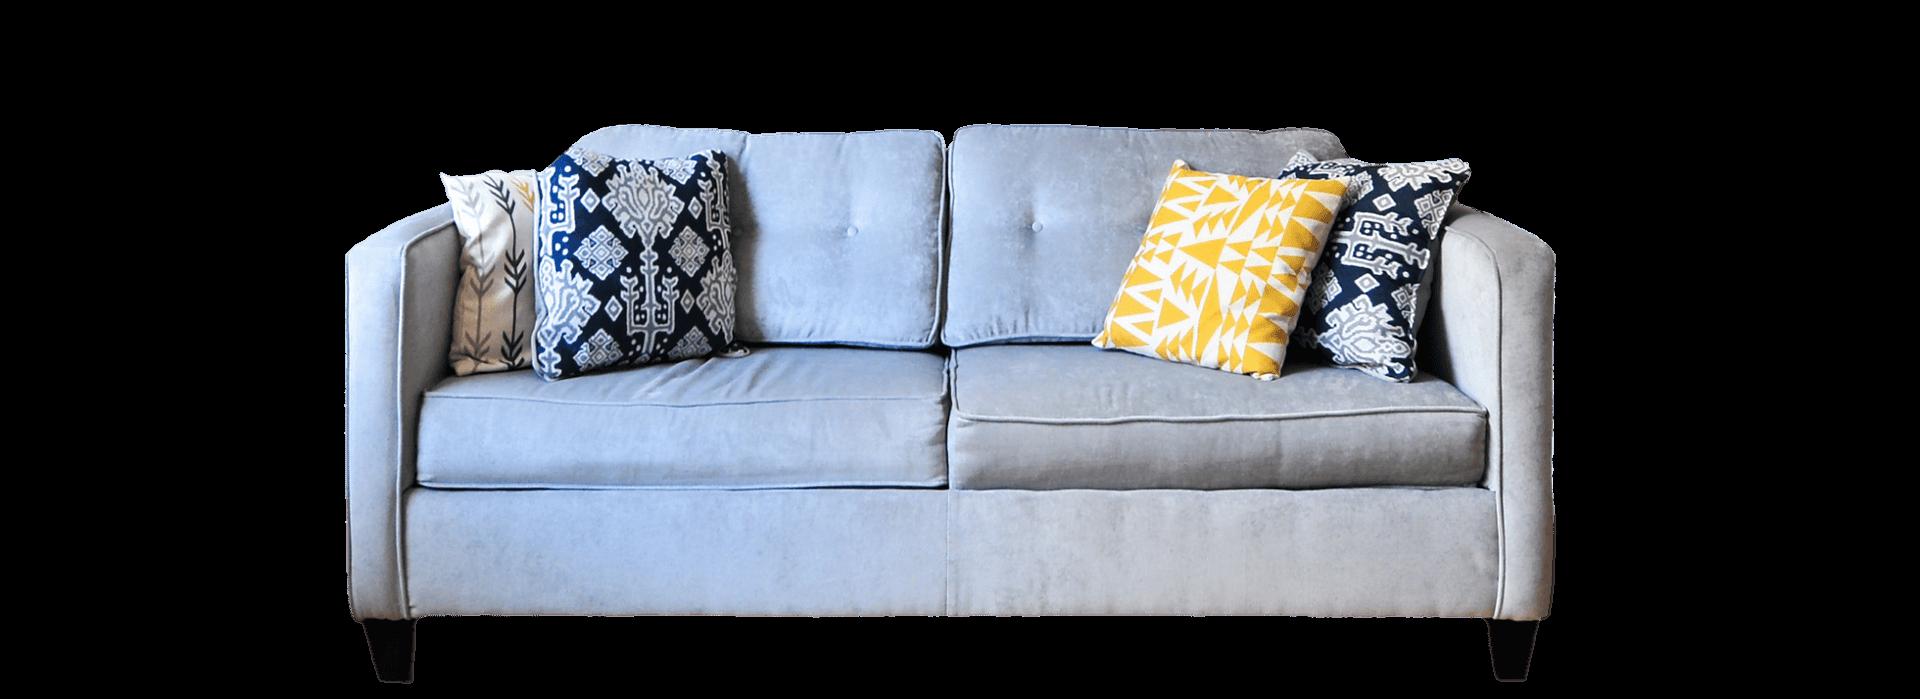 Sofa Test Sofabezüge Sofabezug